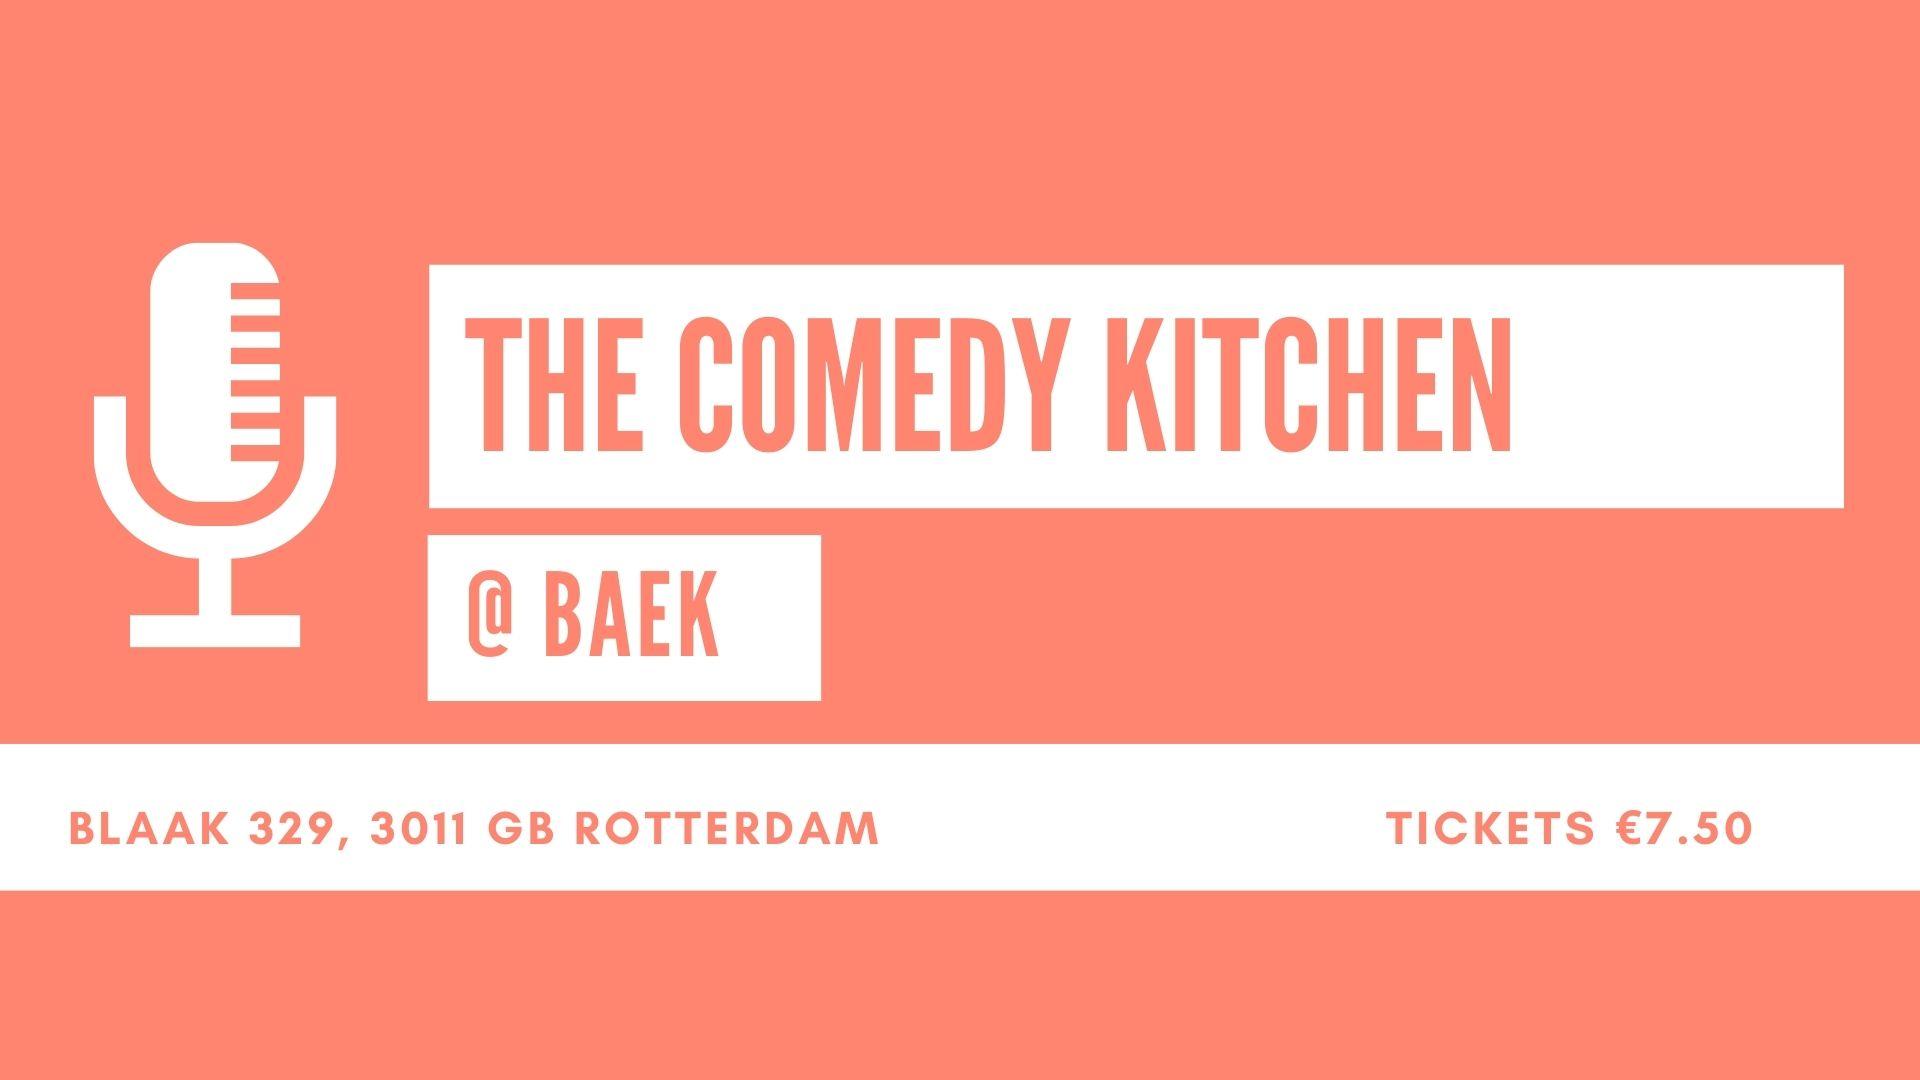 Ticket kopen voor evenement The Comedy Kitchen